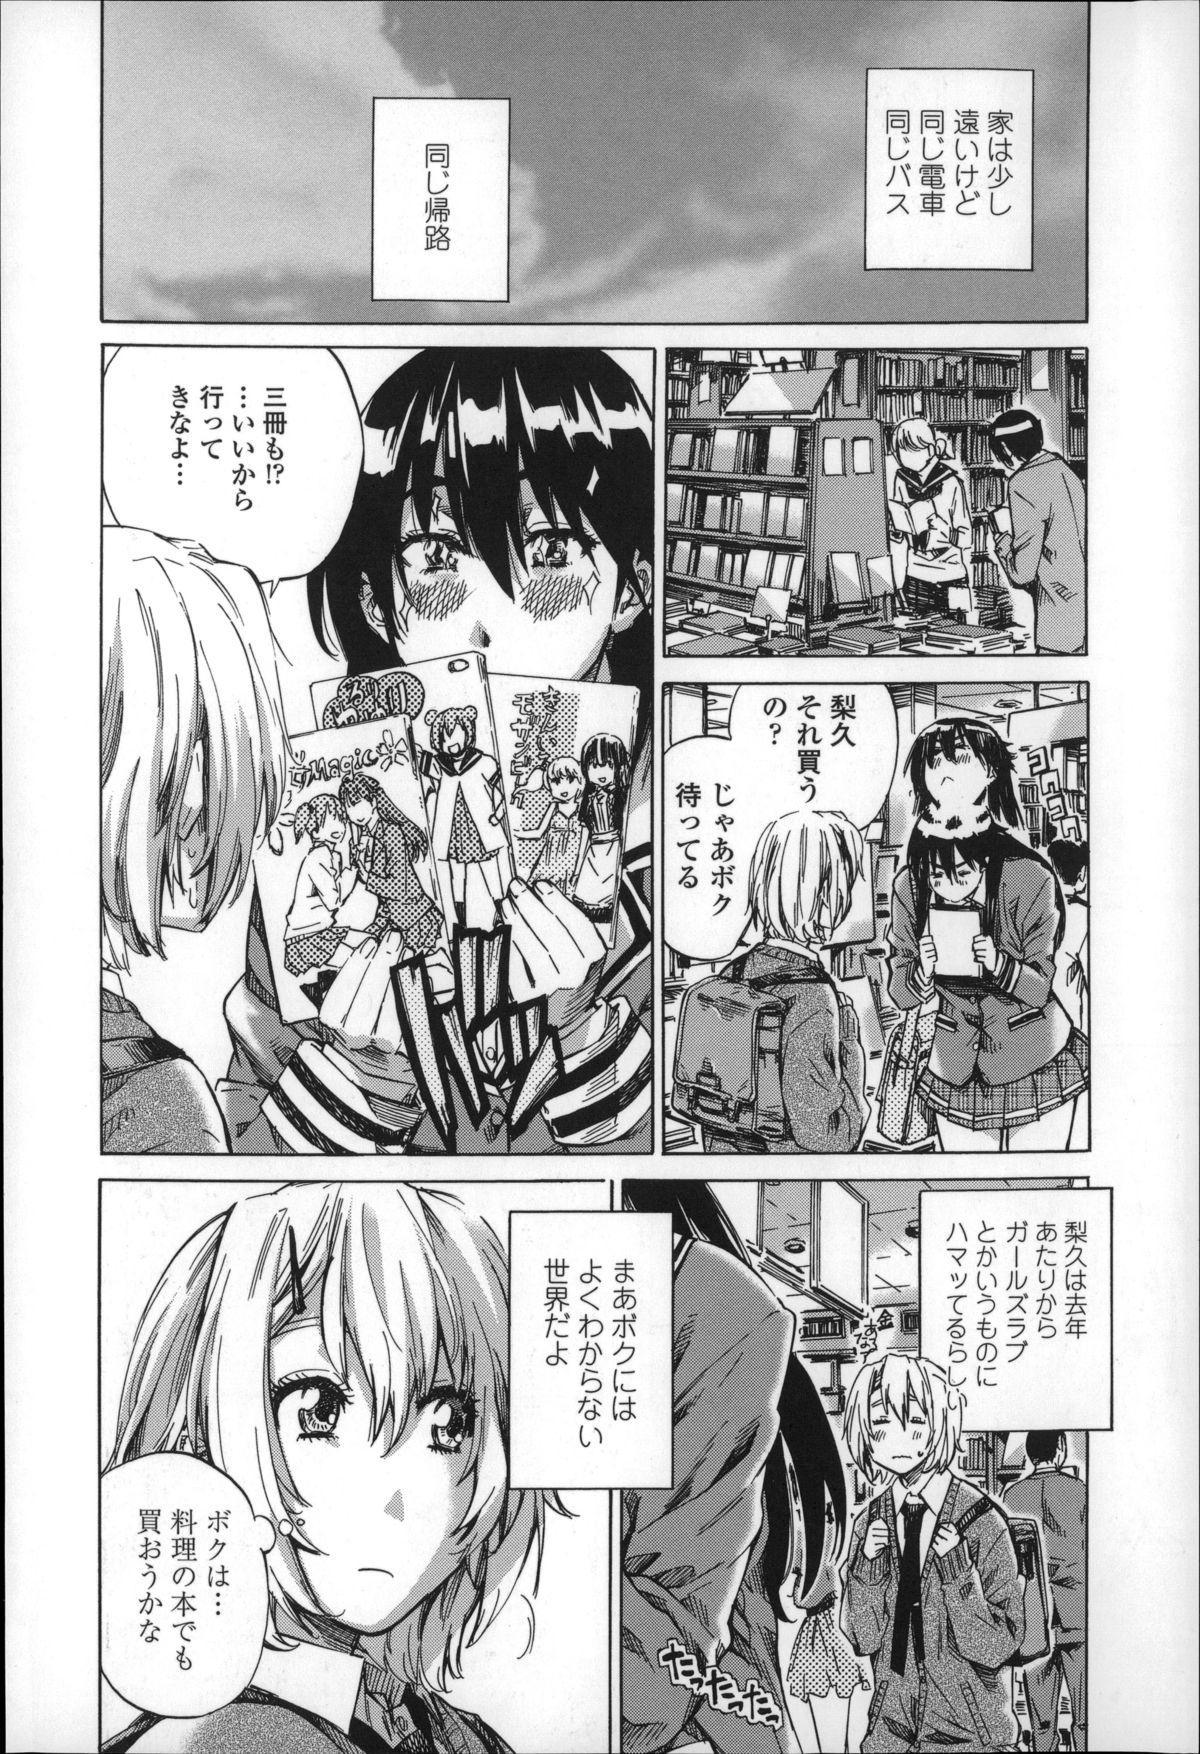 Choushin de Mukuchi no Kanojo ga Hatsujou Shite Kitara Eroiyo ne? 9